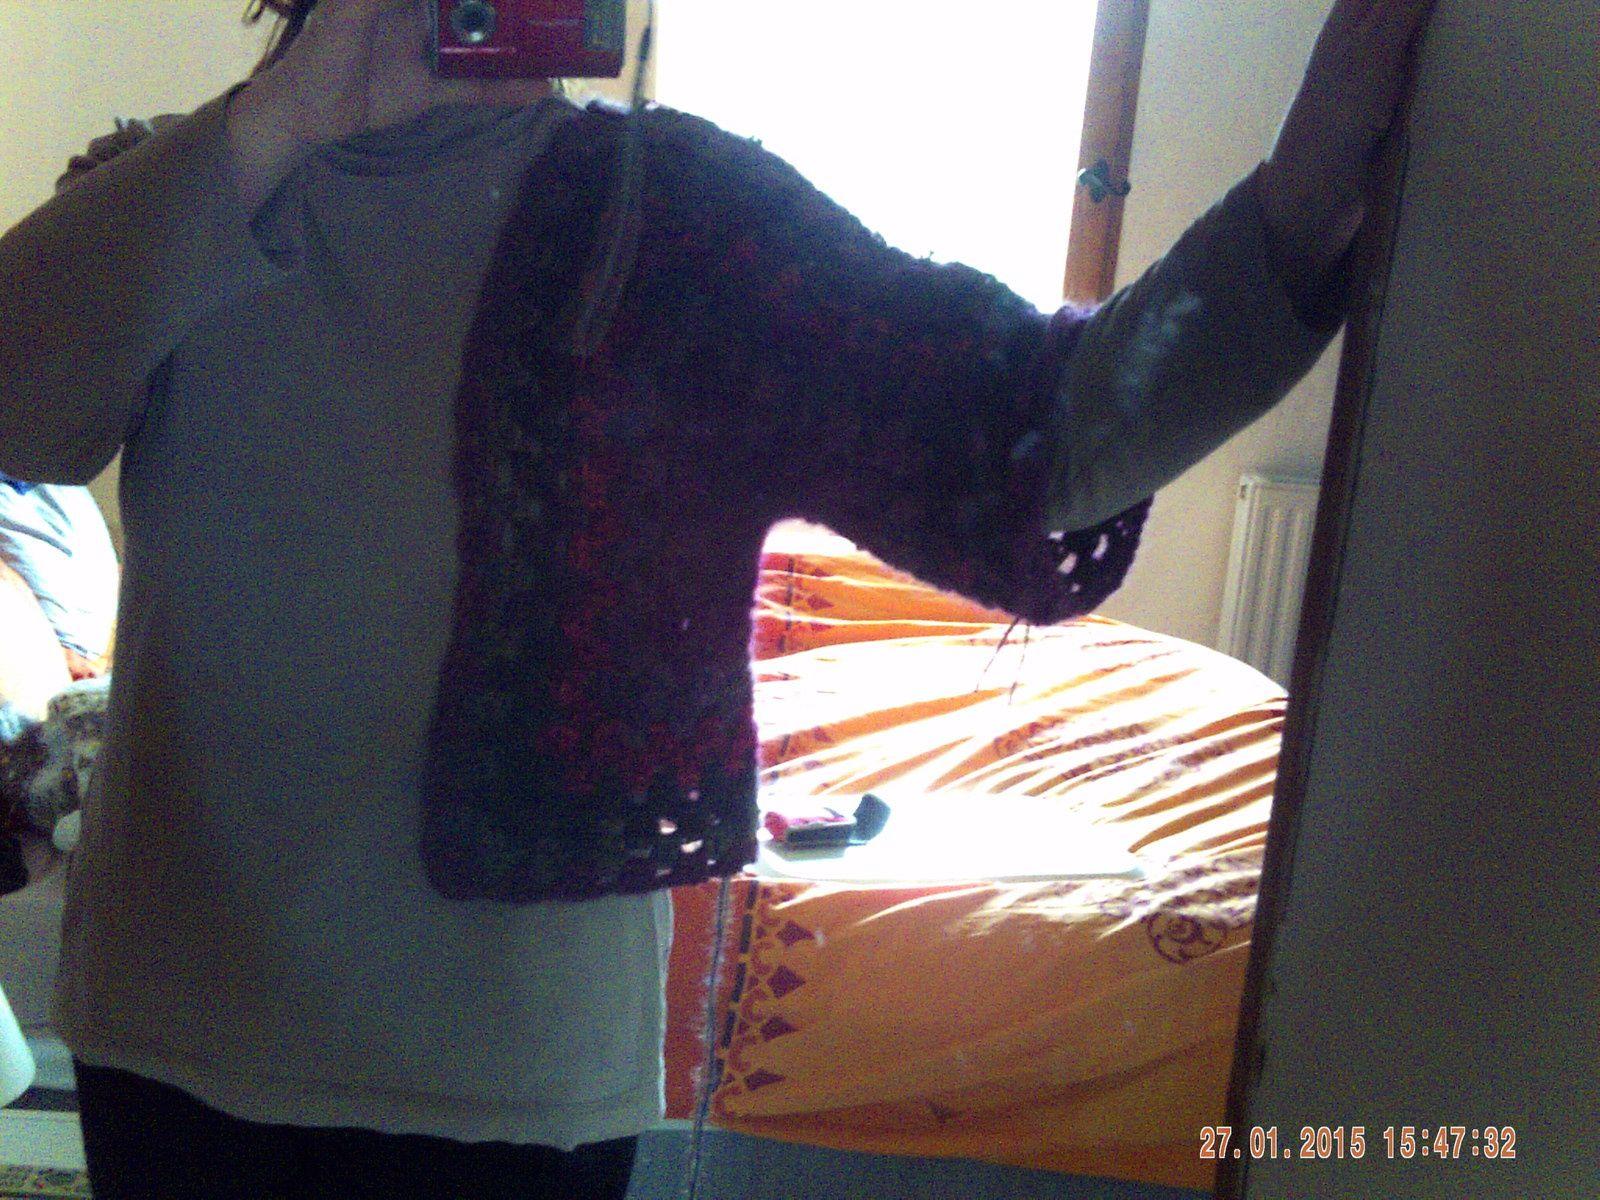 TUTO POUR UNE VESTE/ BLOUSON FEMME SUR LA BASE D'UN SHRUG ( tricot et crochet)